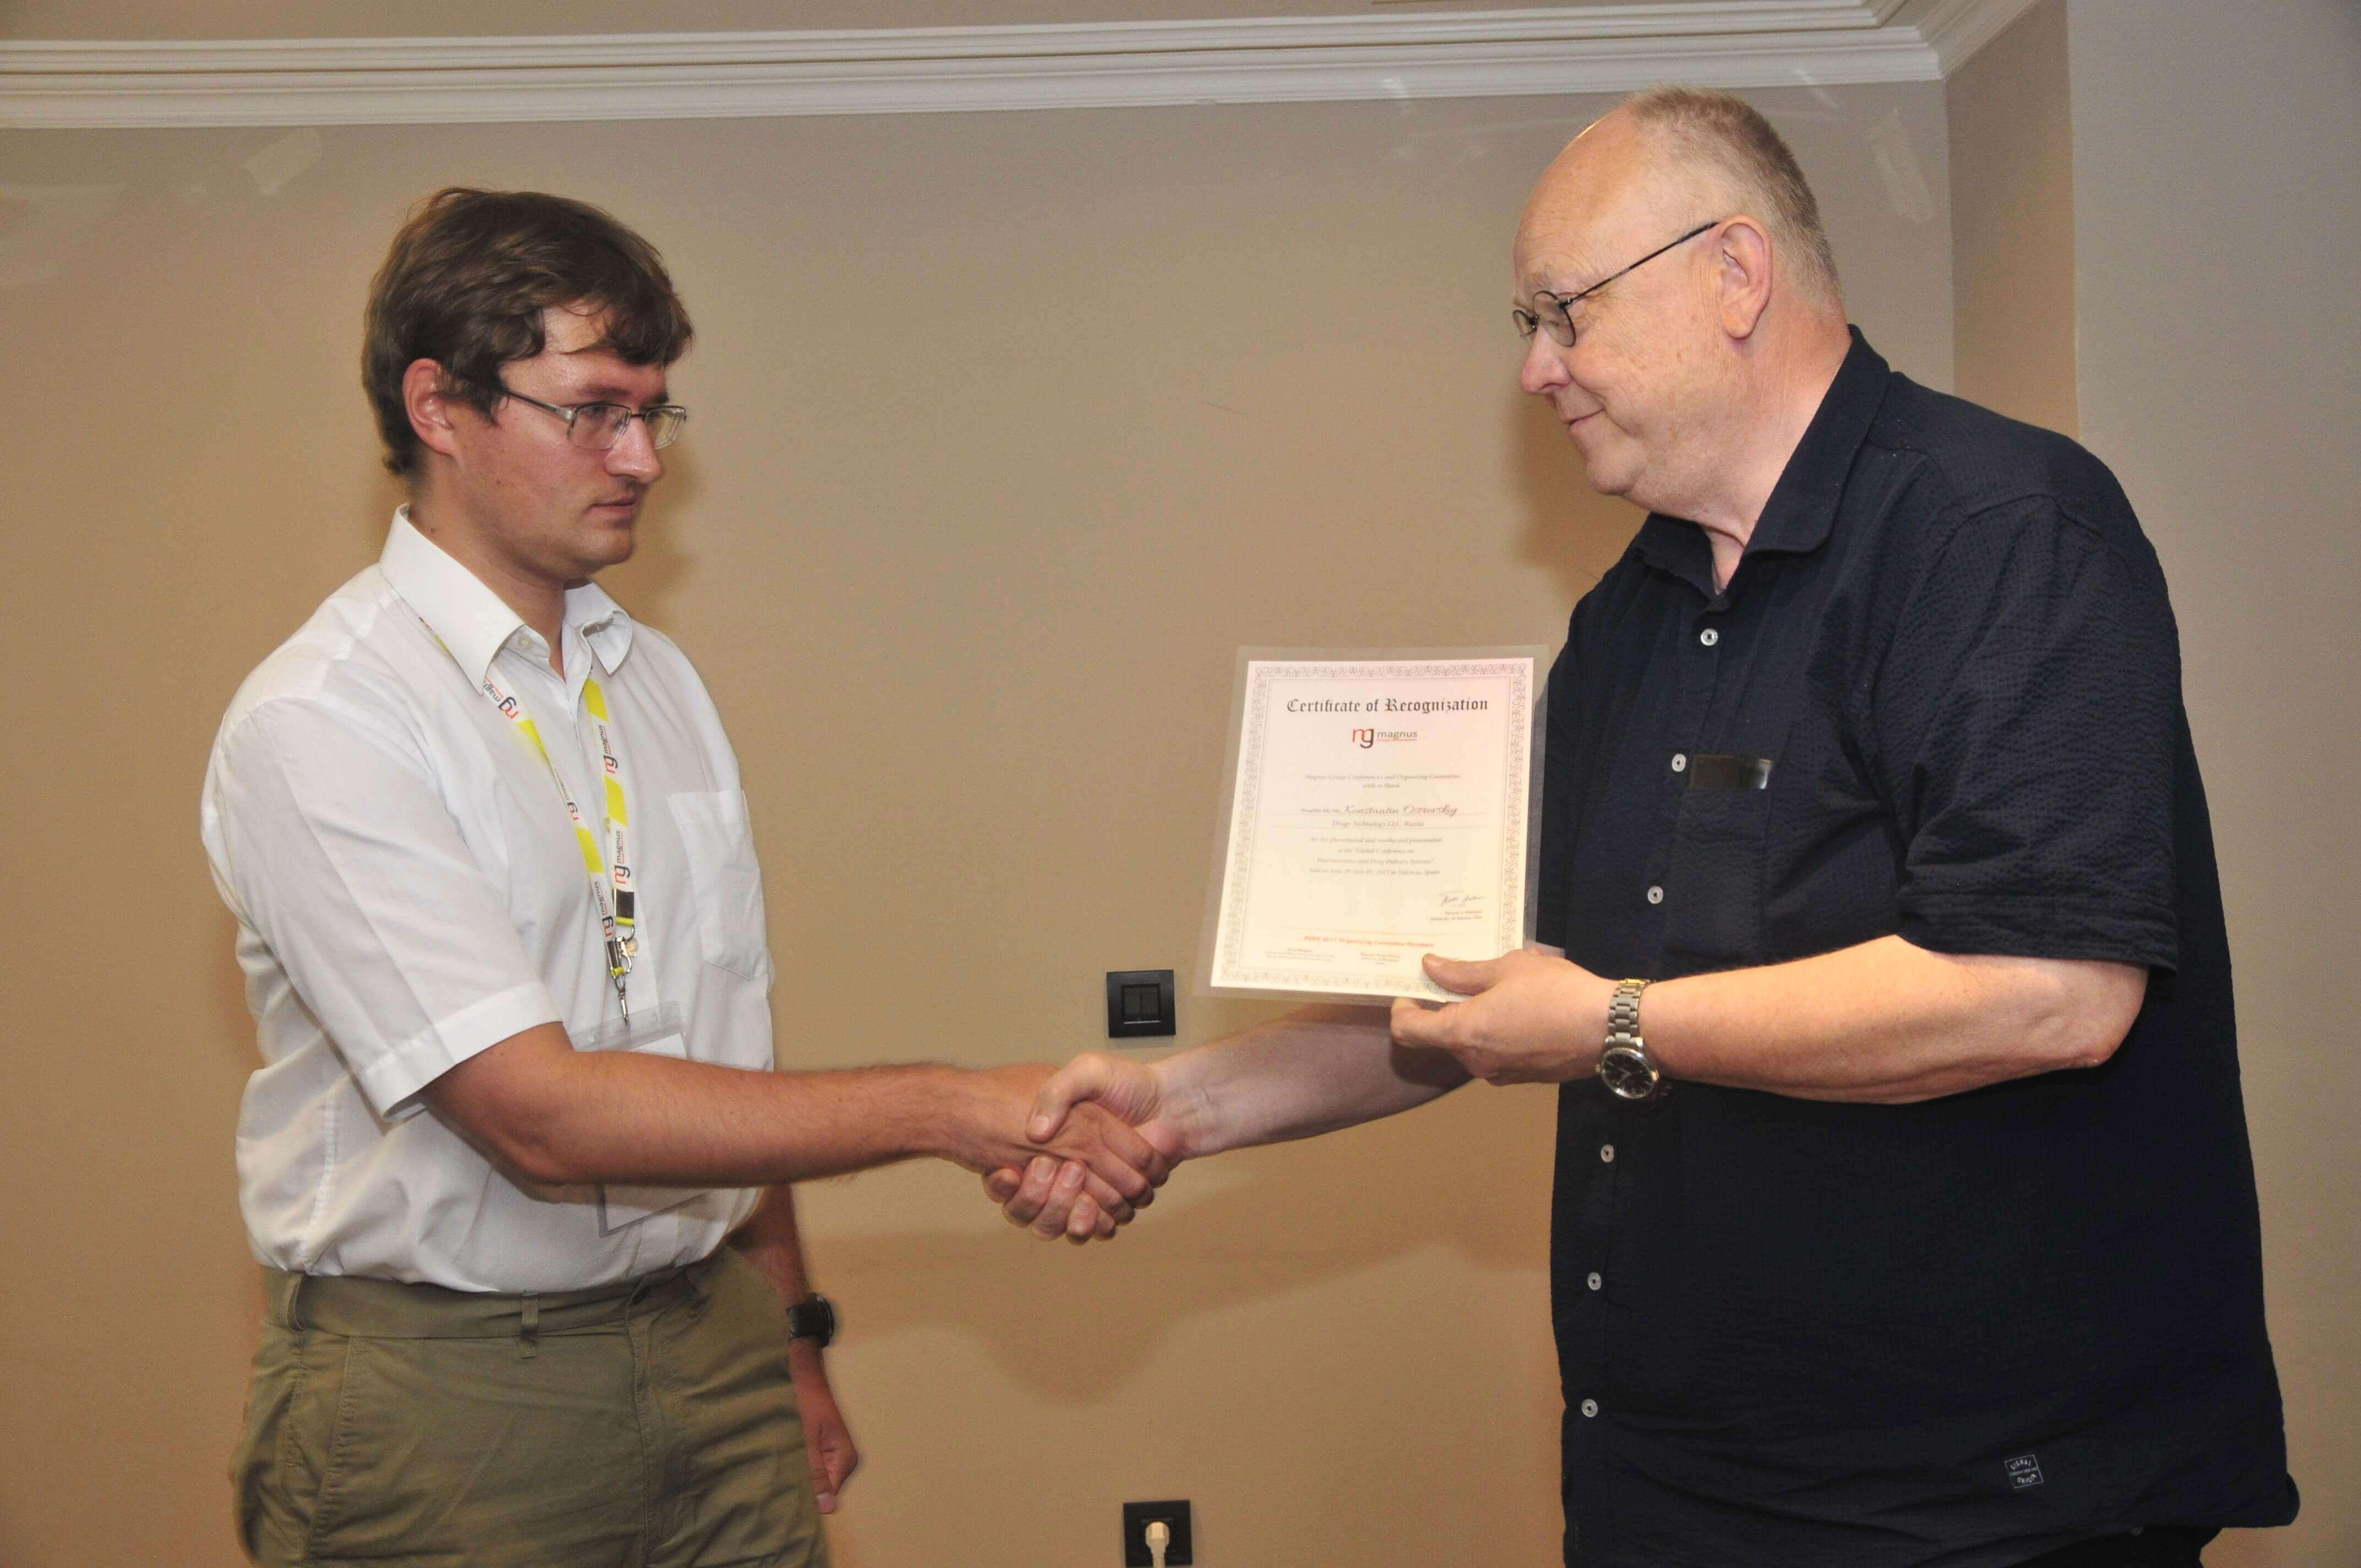 Potential speakers for Biotechnology conferences-Konstantin Ostrovskiy